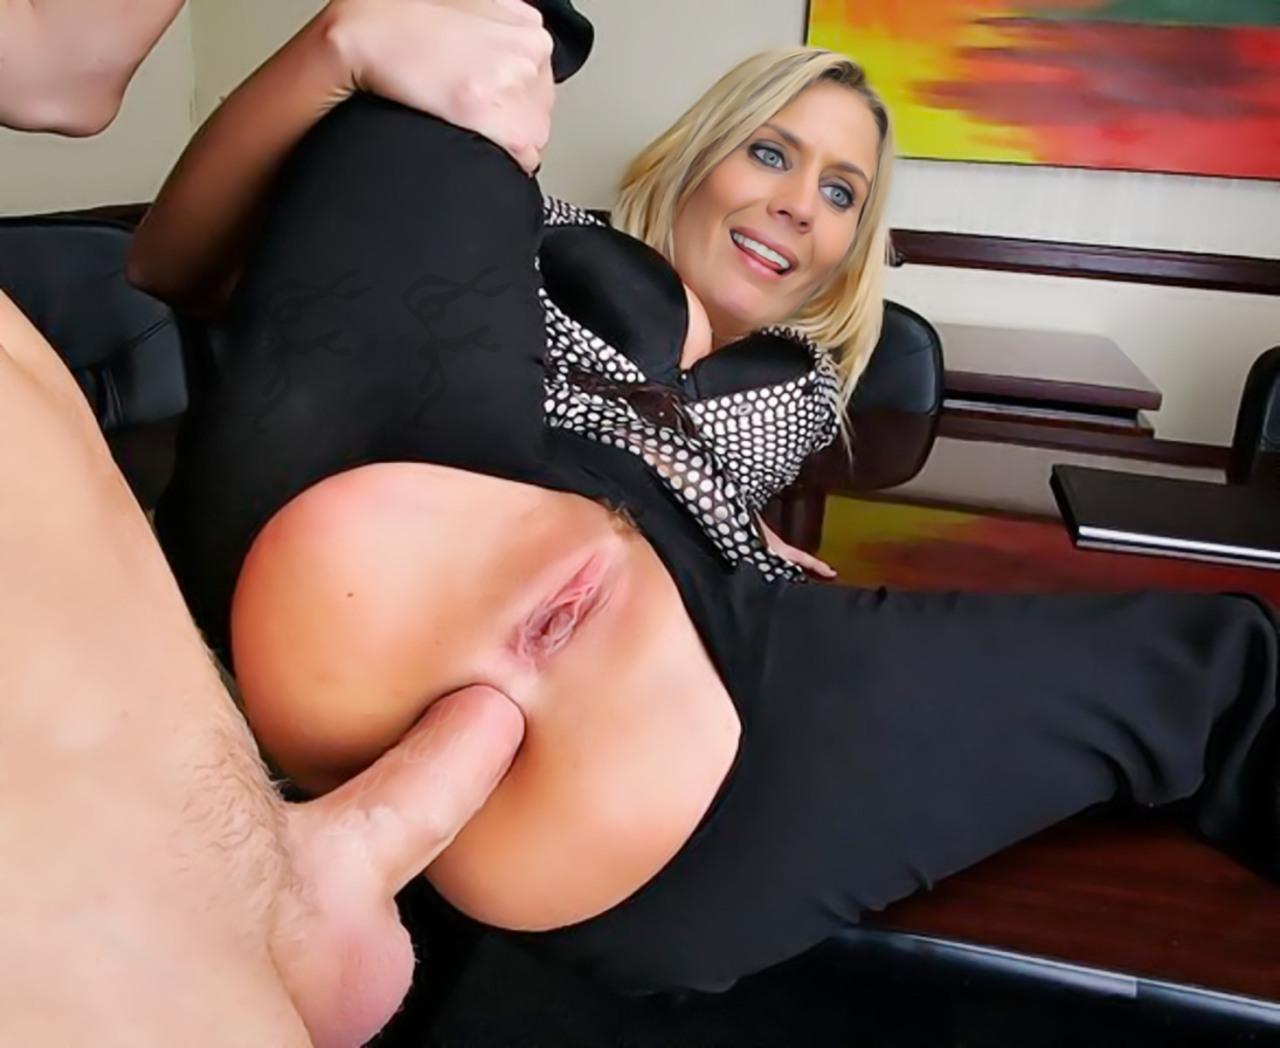 Мне порно с блондинкой на работе чувствую